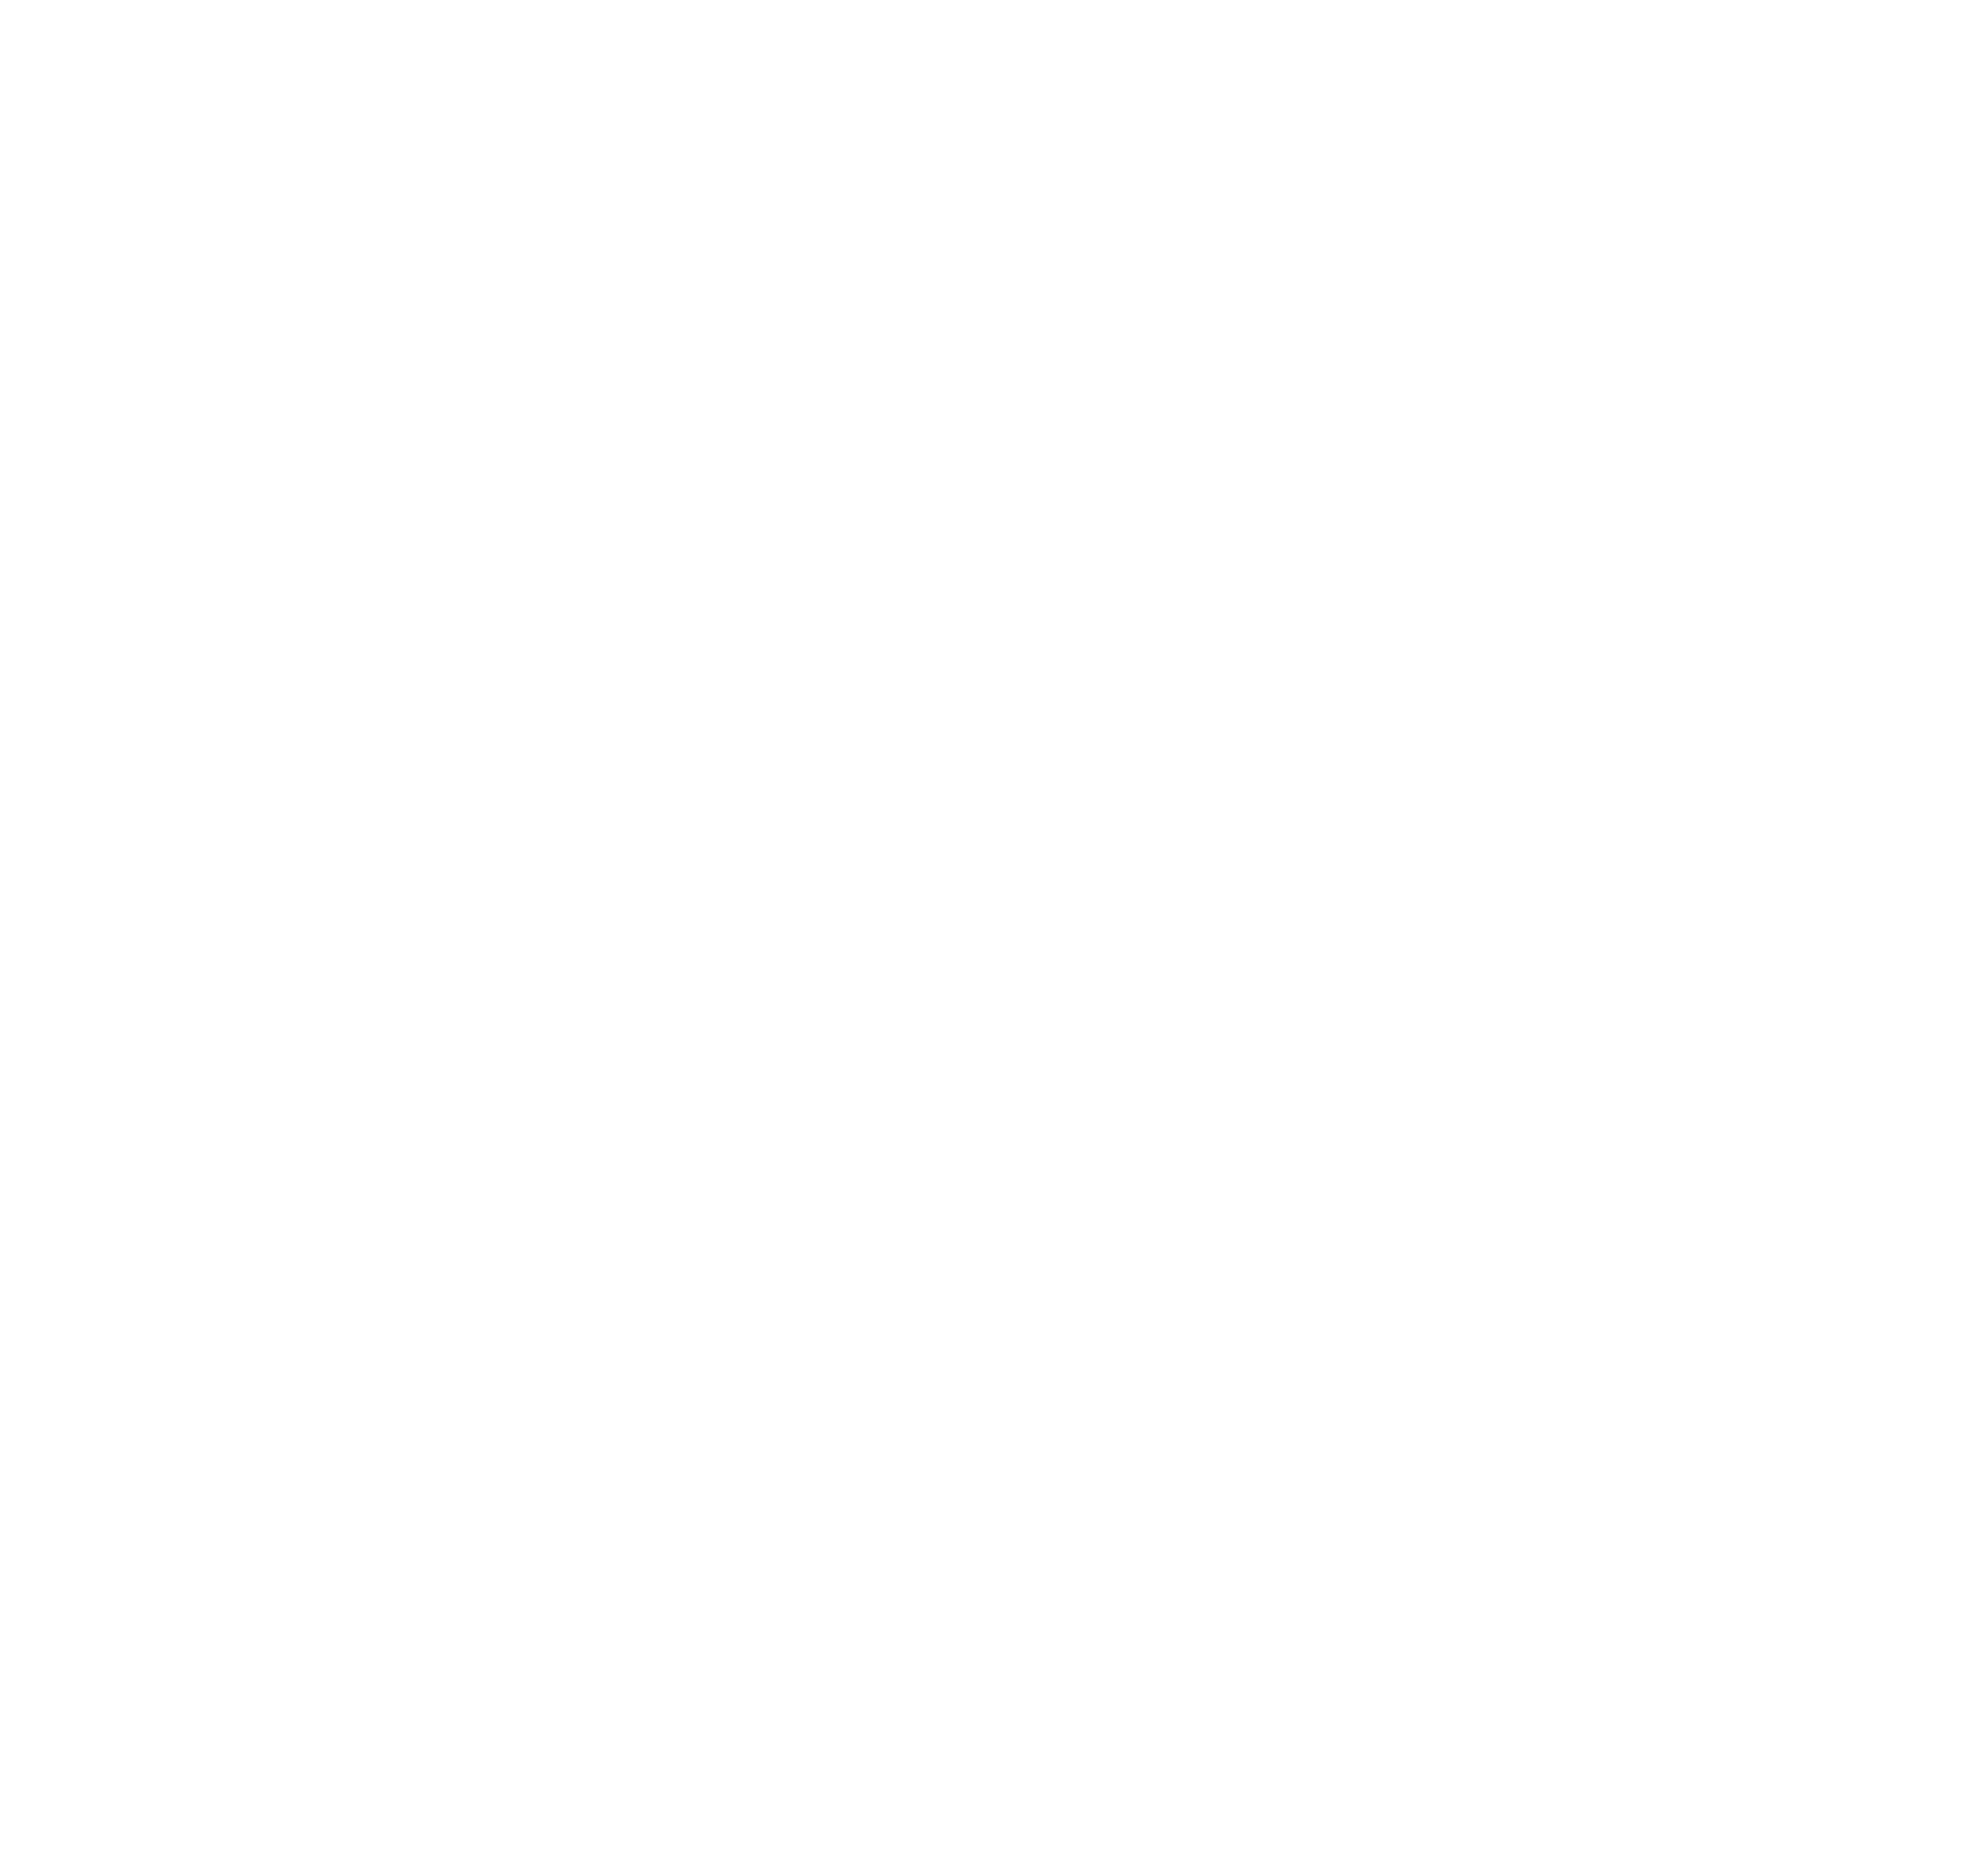 ILGEZEEM